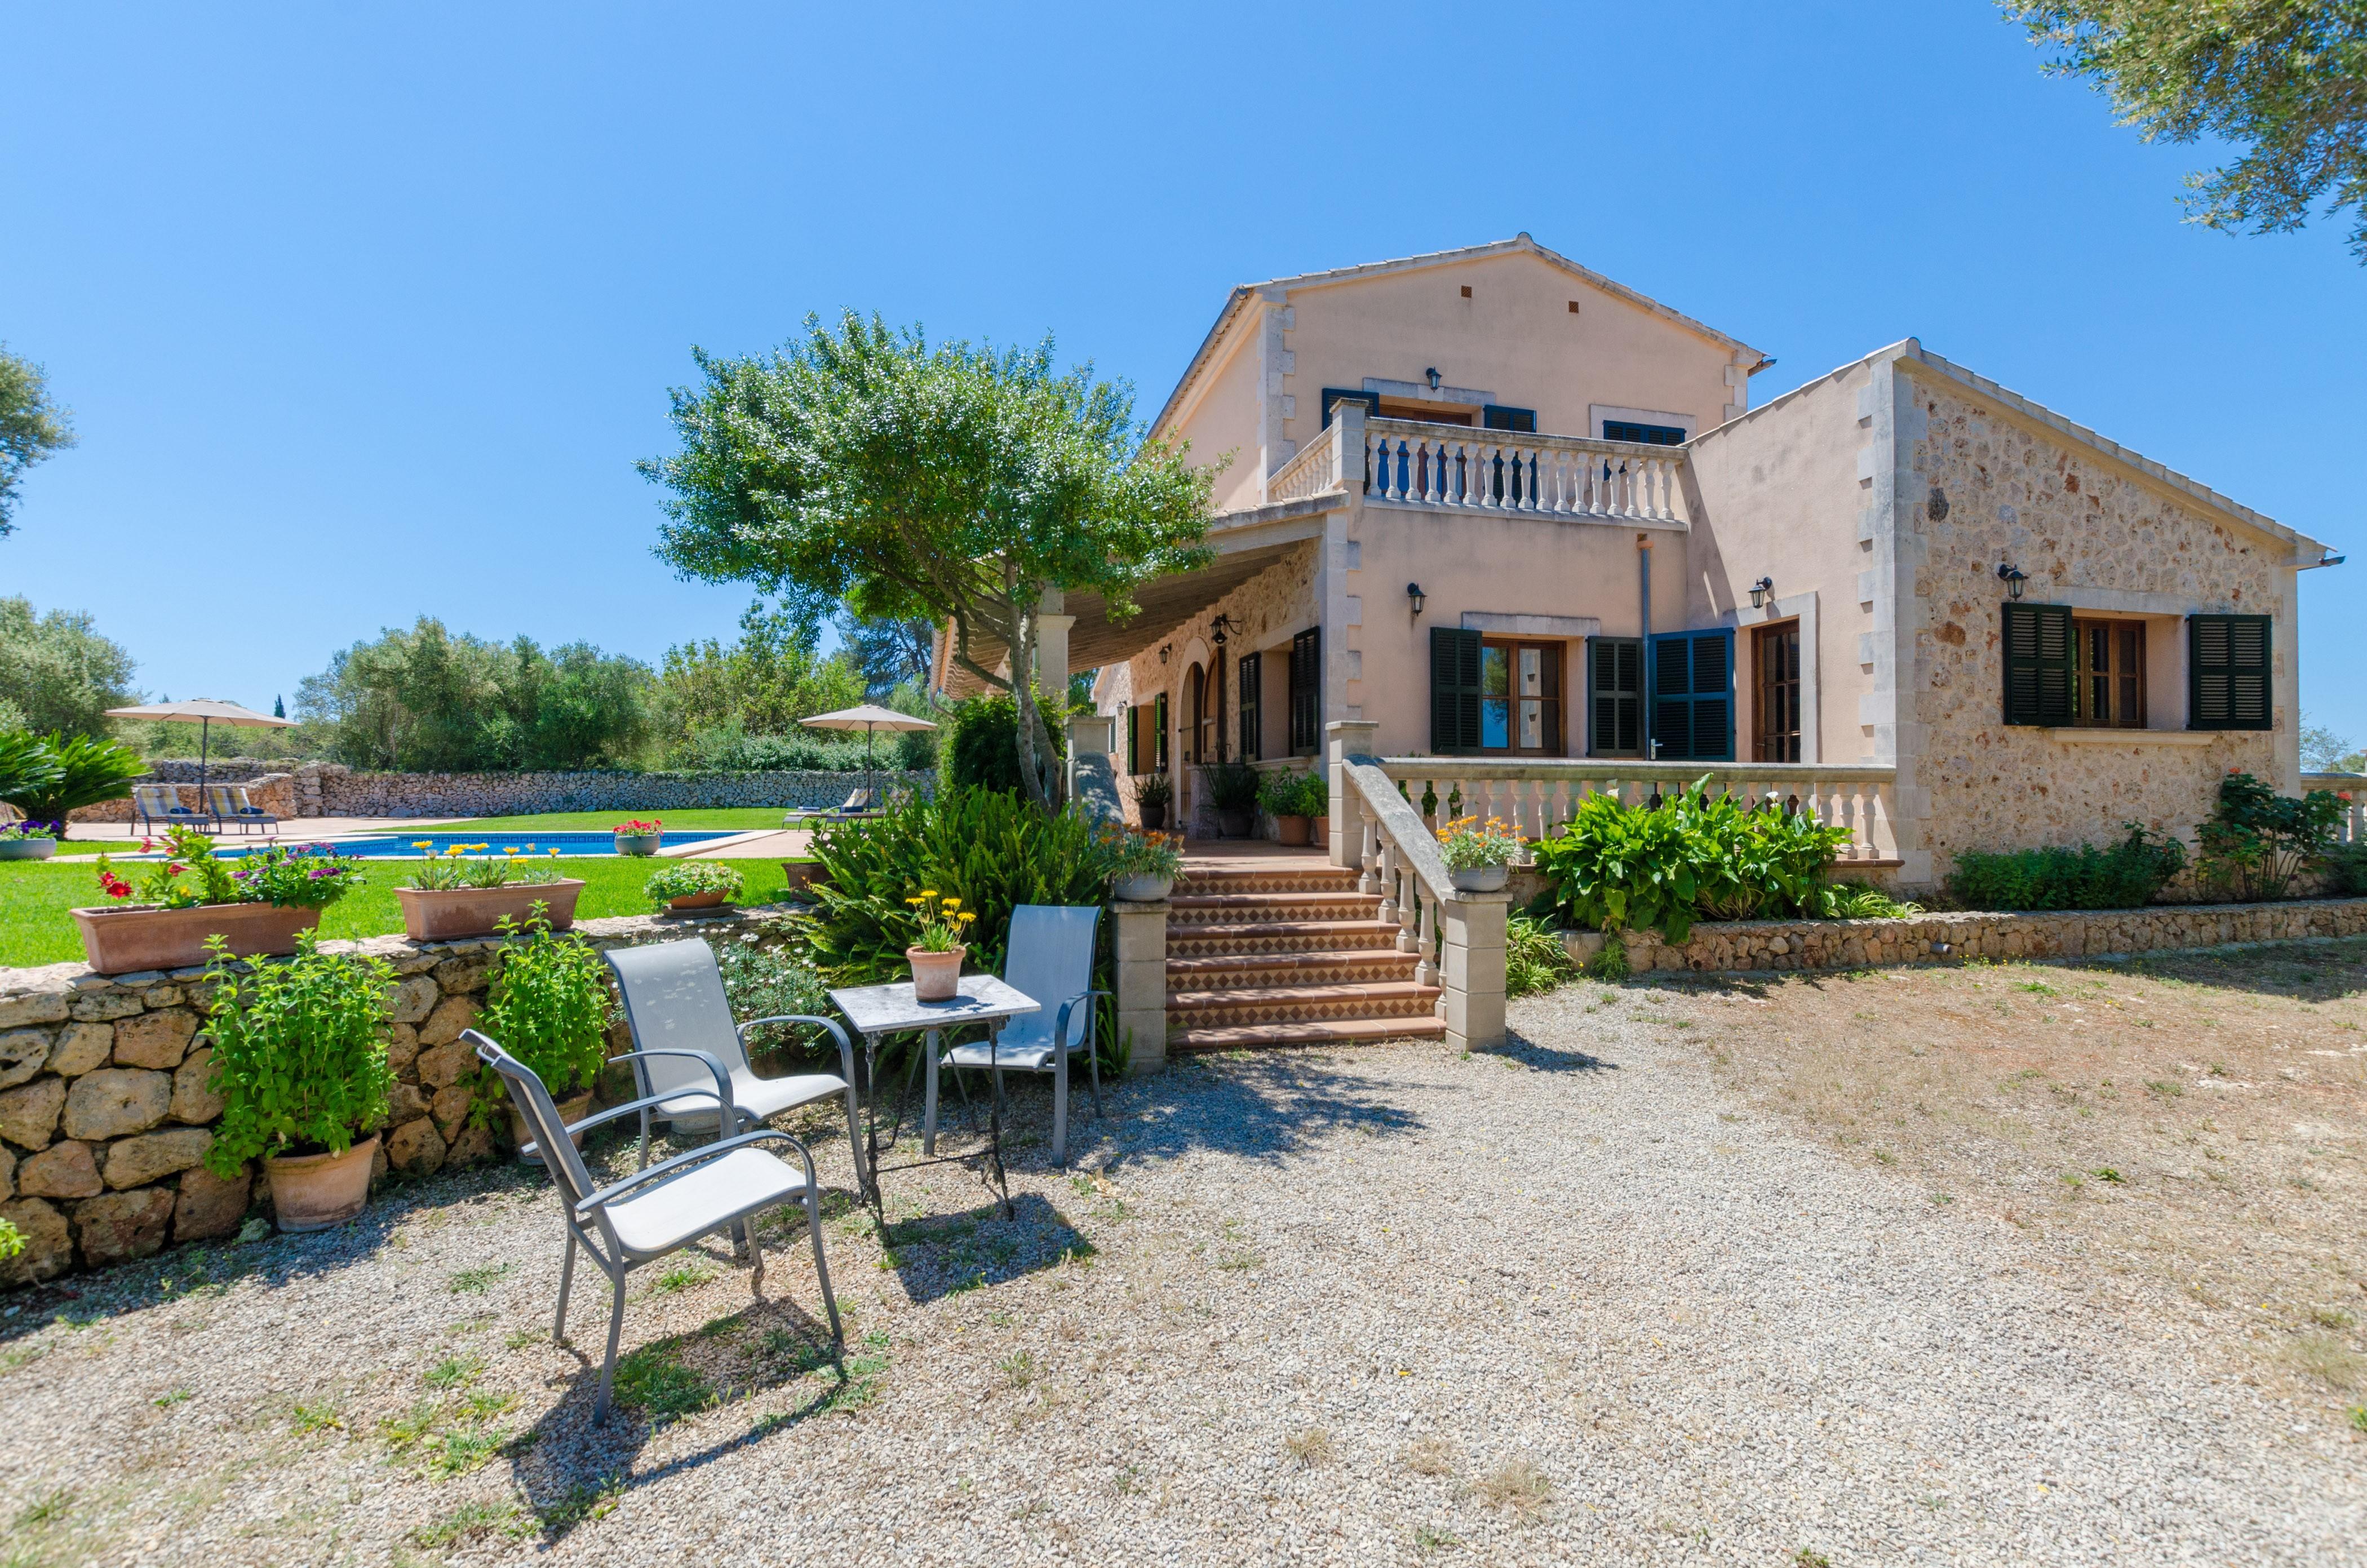 Maison de vacances ES VEDAT (2632993), Lloret de Vistalegre, Majorque, Iles Baléares, Espagne, image 45